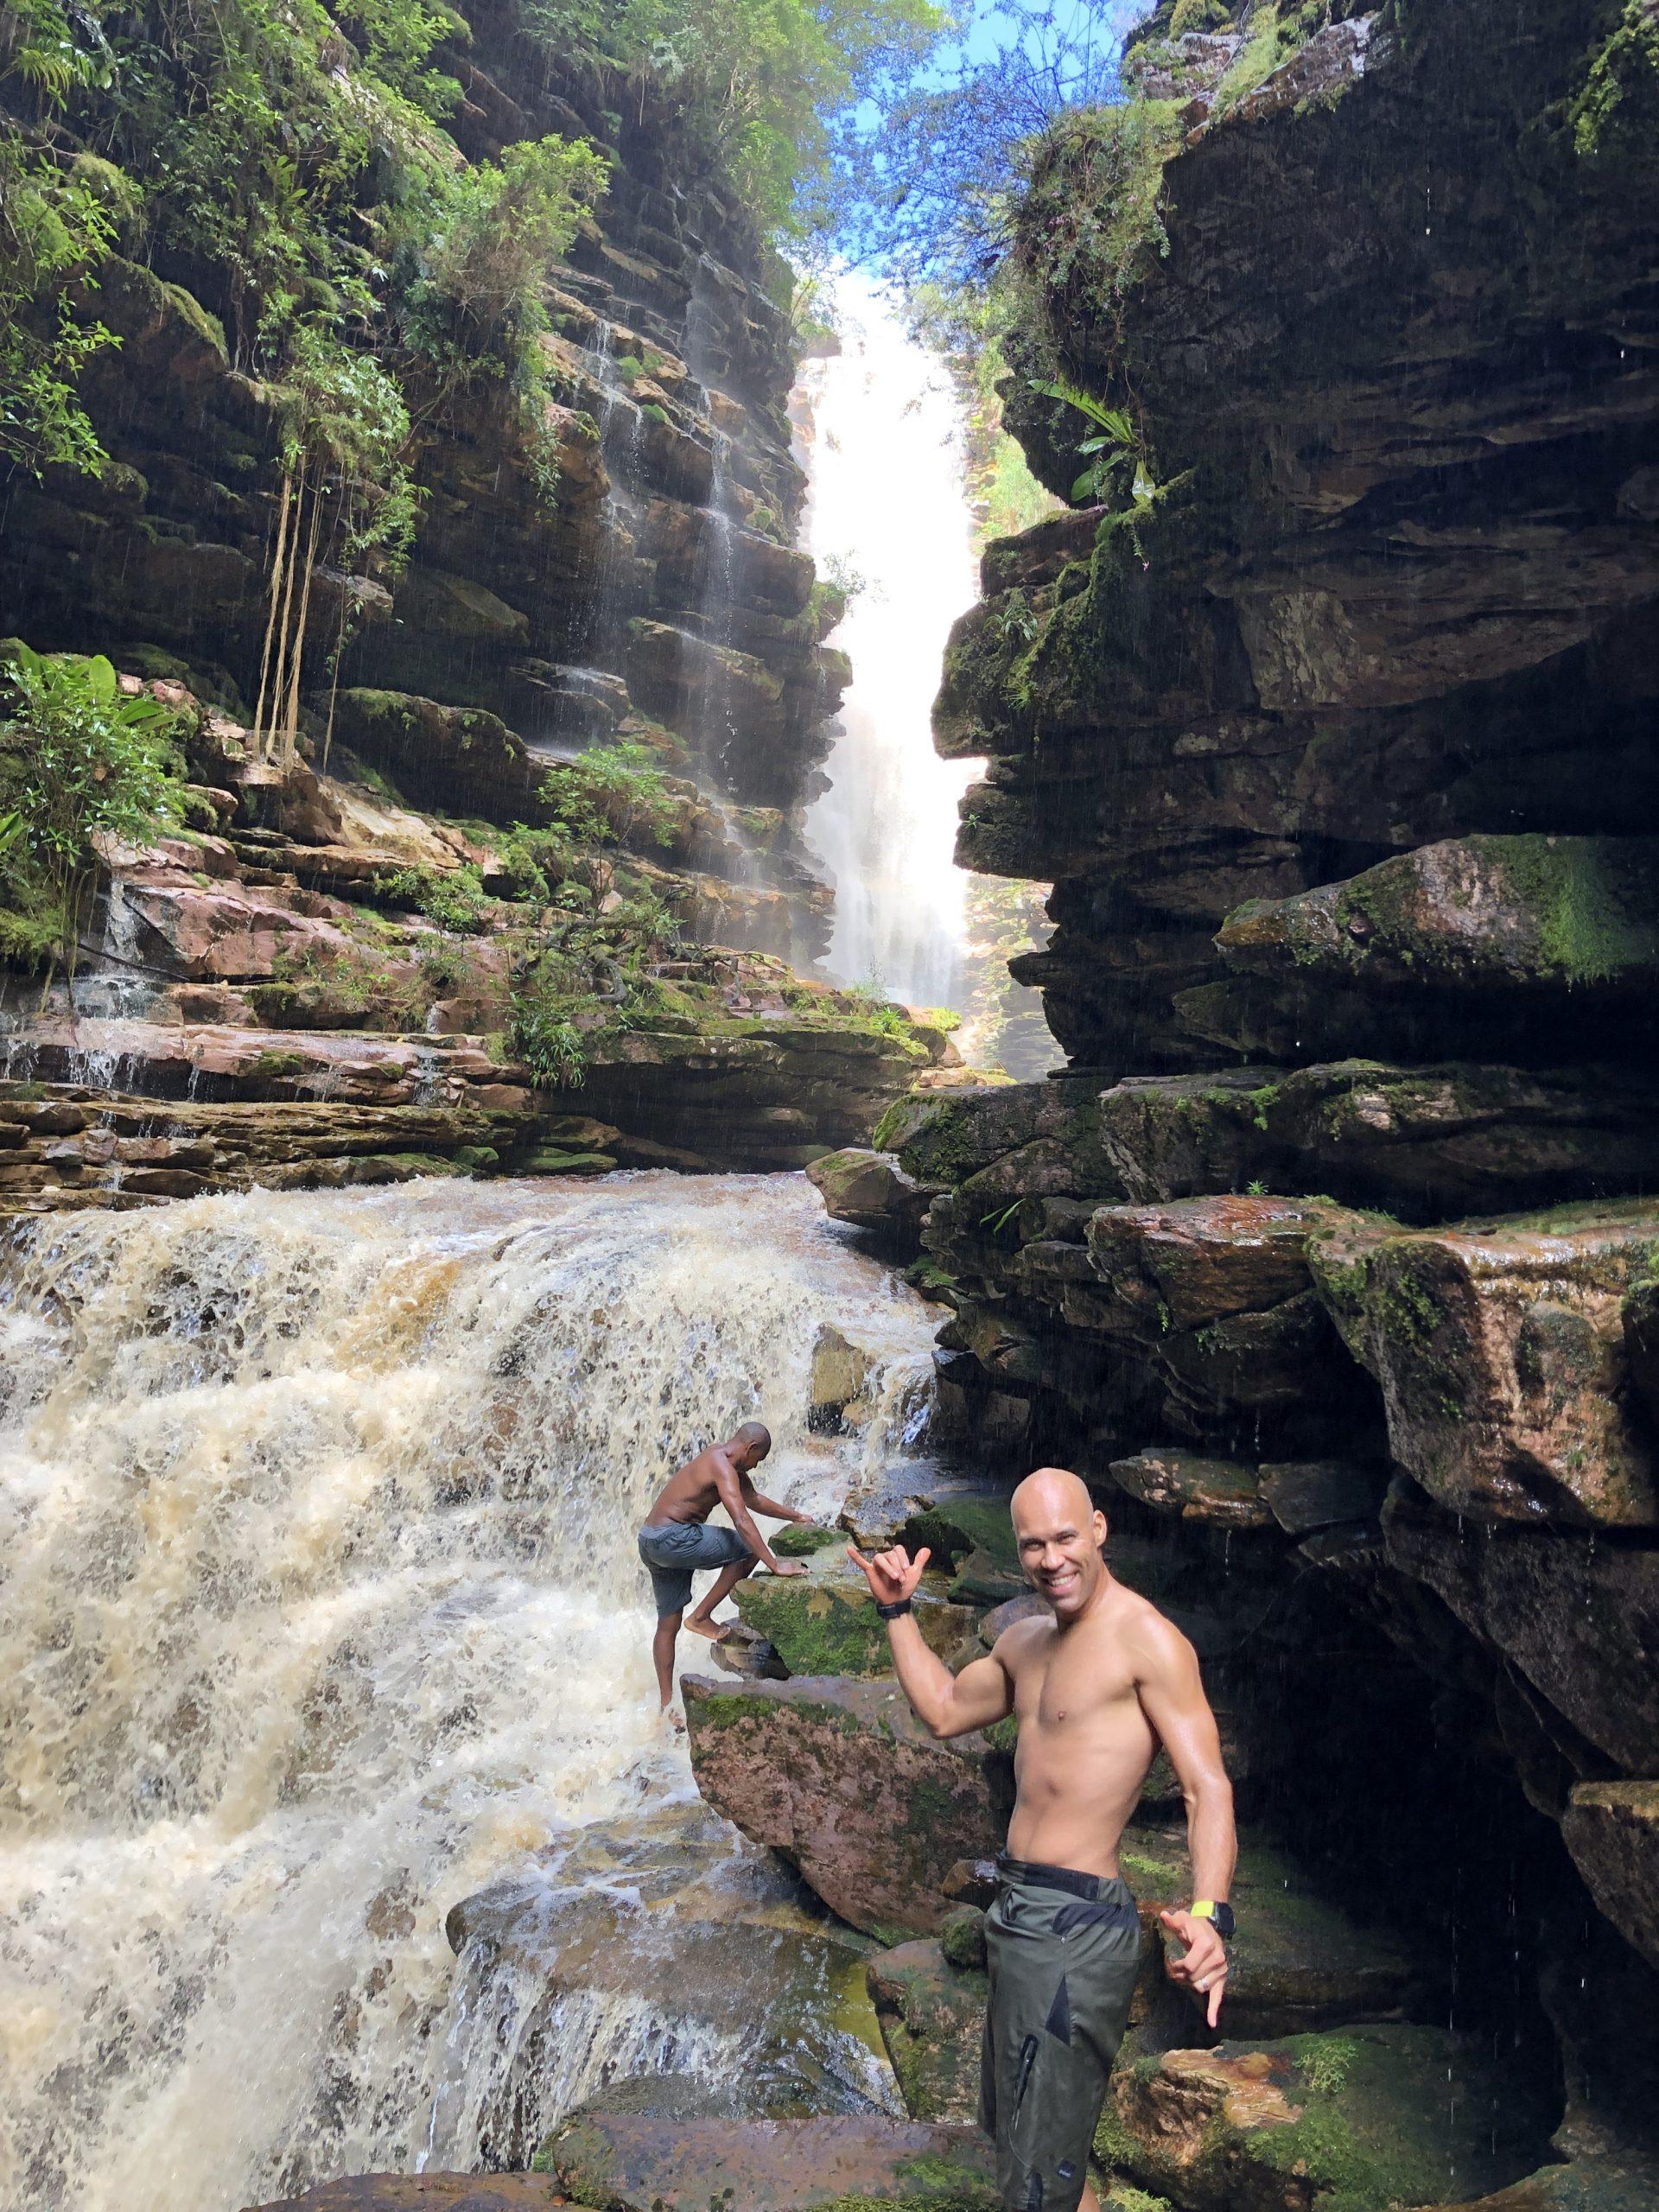 lau and singh waterfalls canyoneering vert